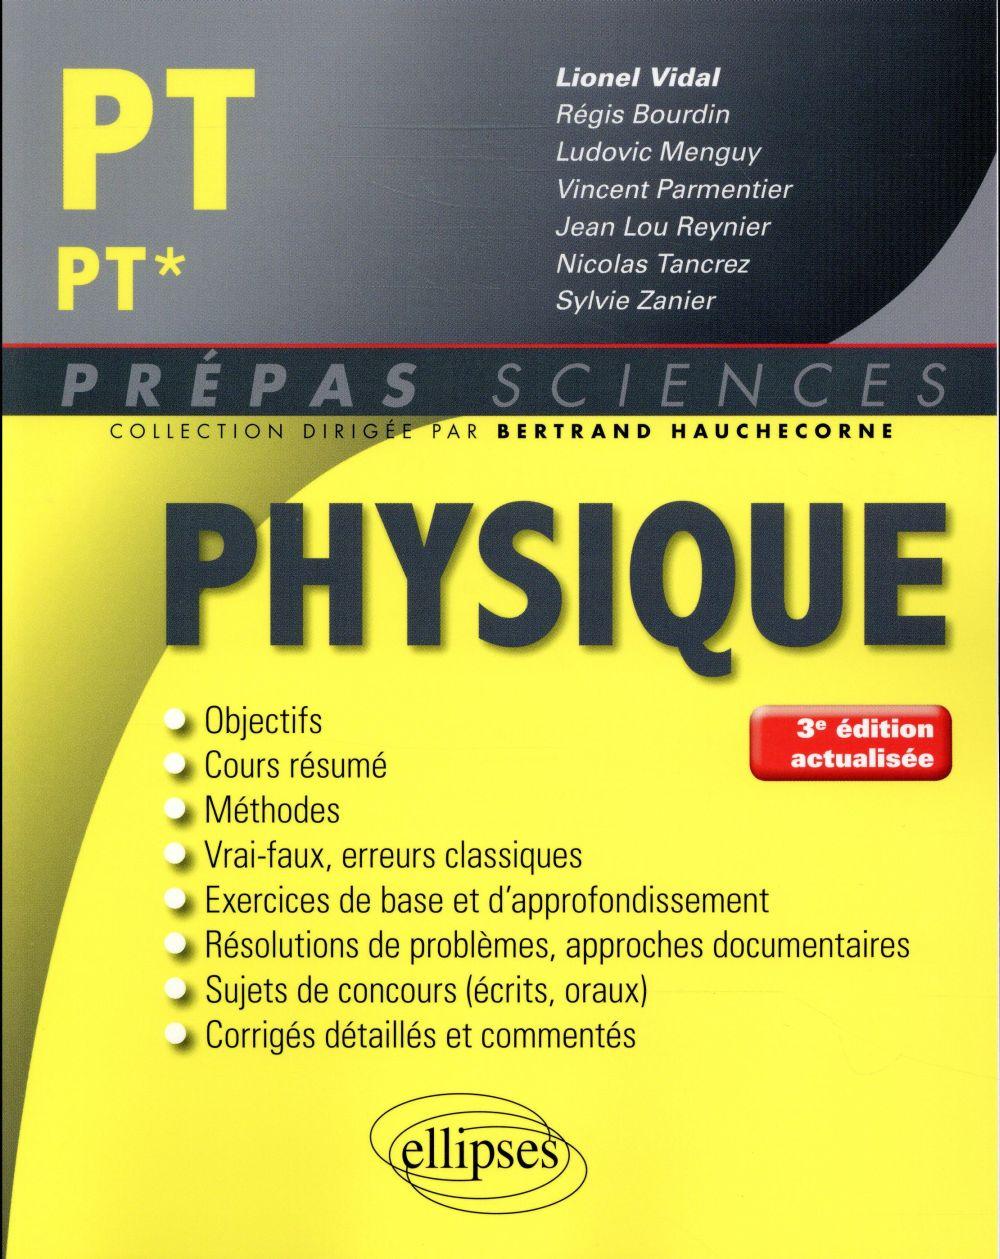 - PHYSIQUE PTPT* - 3E EDITION ACTUALISEE